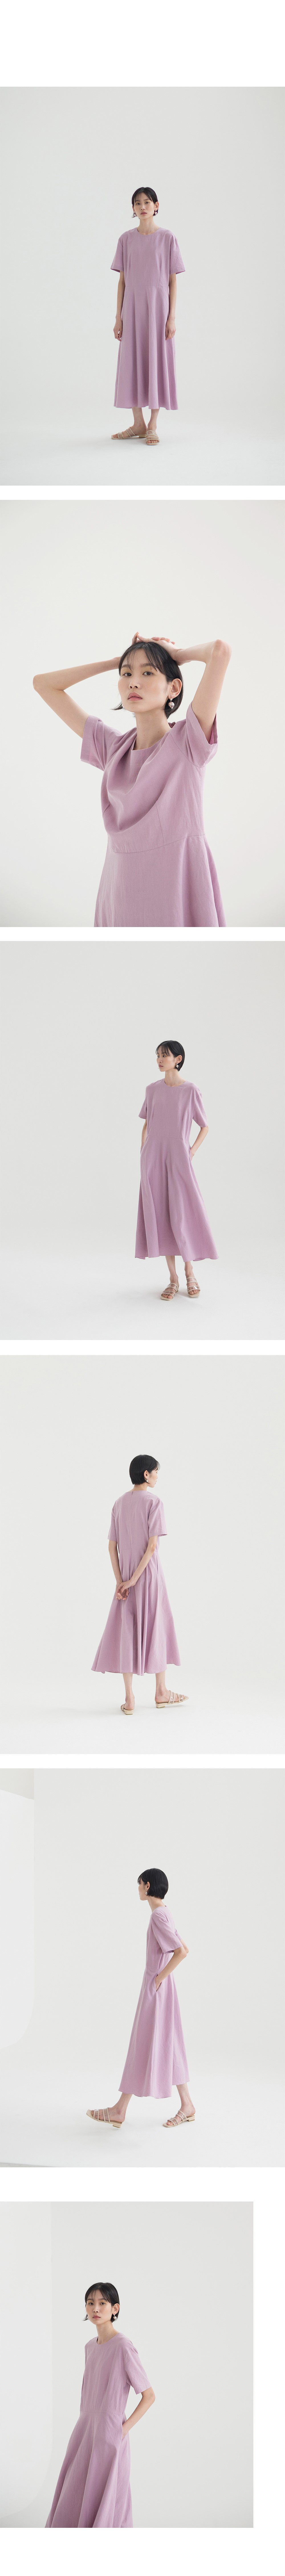 논로컬(NONLOCAL) [23th Re-stock] Linen Flared Dress - Lavender